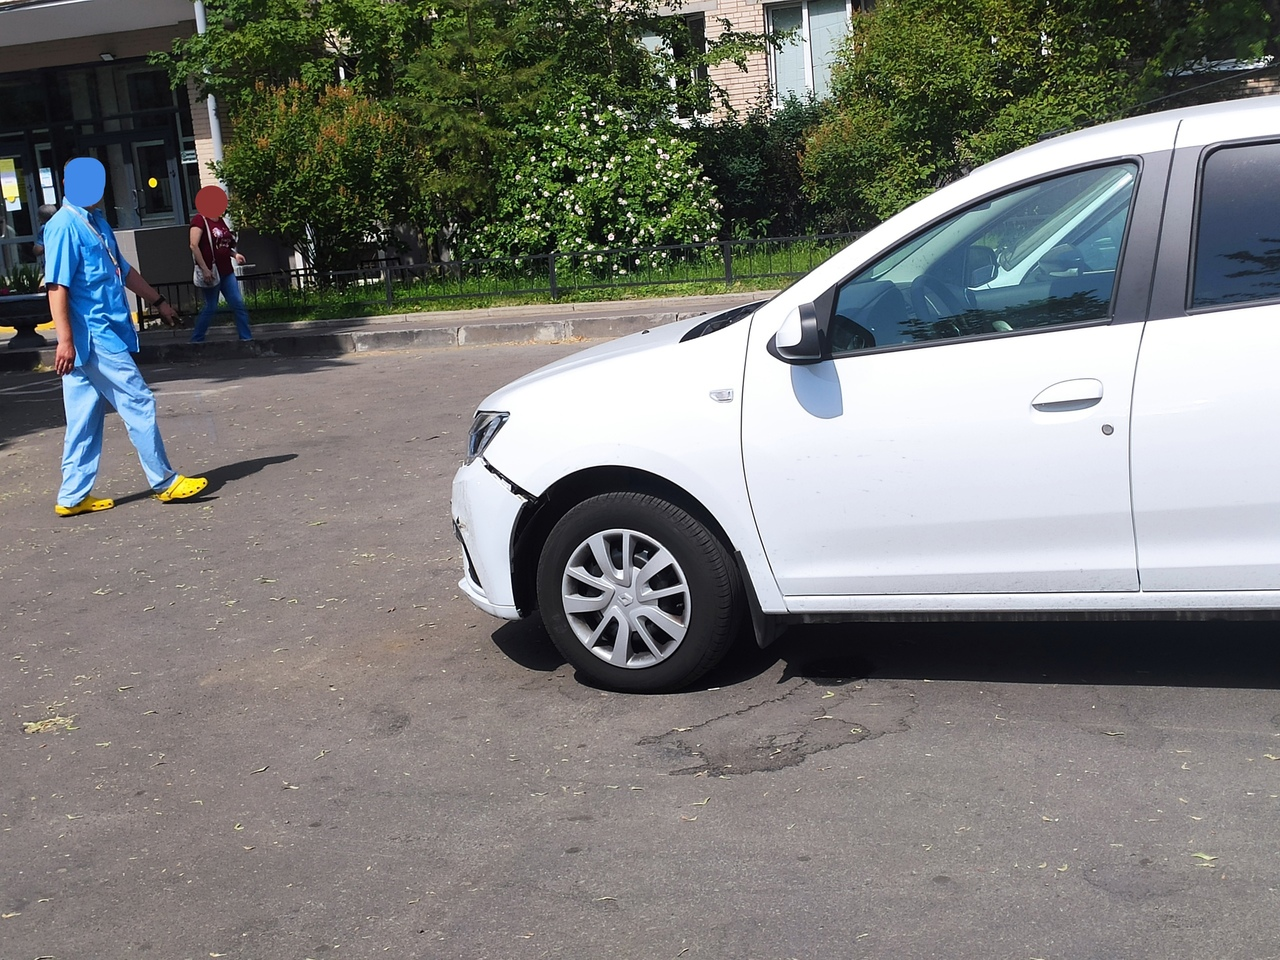 Сегодня у поликлиники №5 на Купчинской 5к1, на парковке, женщина вначале своей бочиной поправила бам...